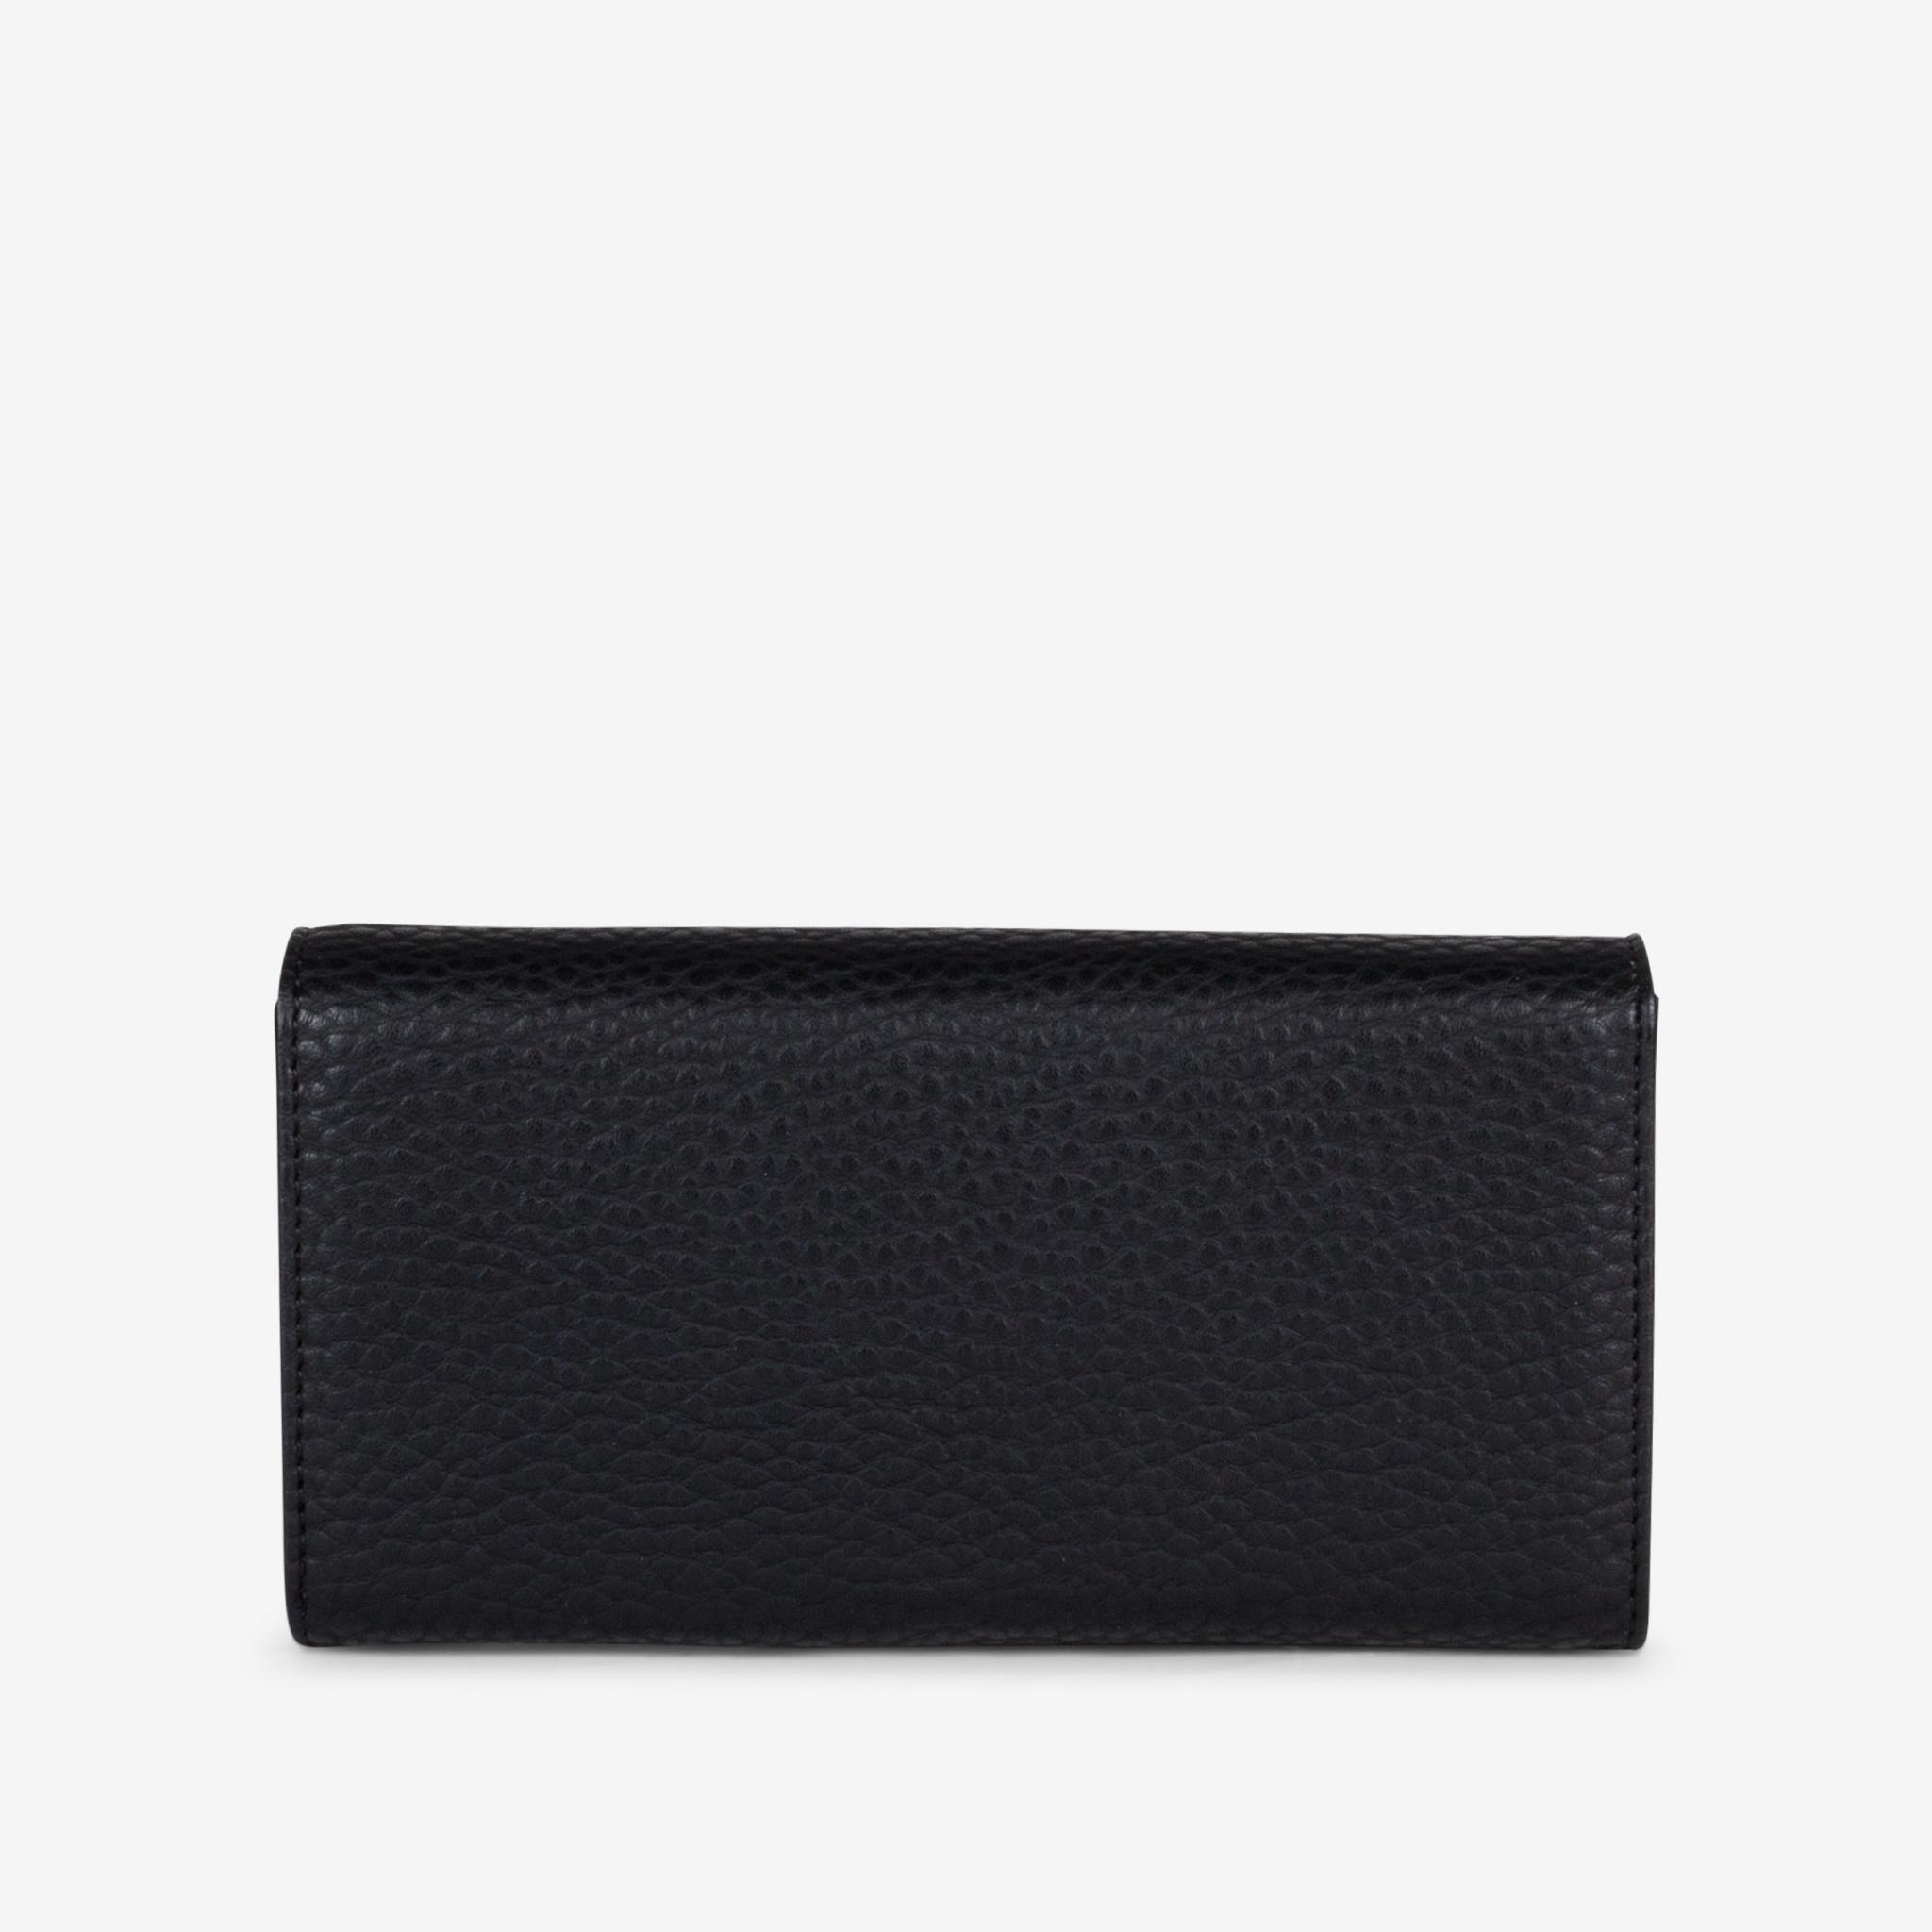 Colab Colab Pebble SLGs Tri-Fold Card Wallet (#6116) - Black